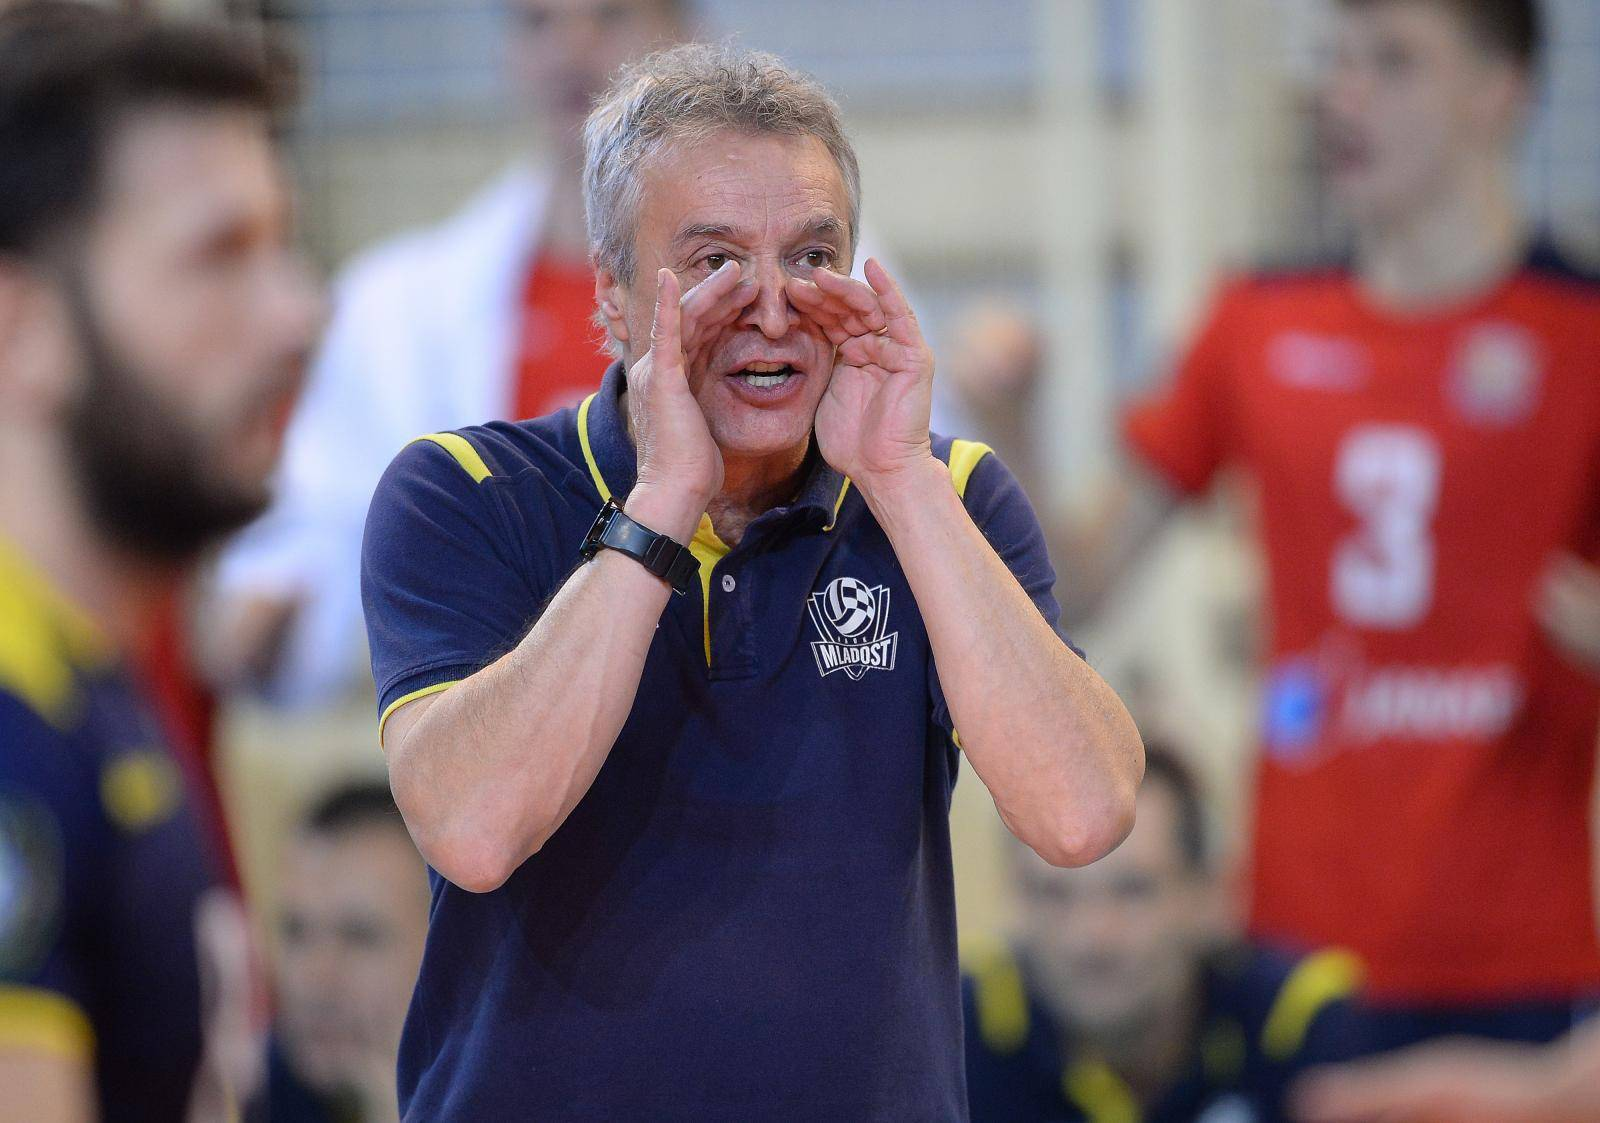 Odbojkaši Mladosti protiv Benfice u 3. pretkolu Lige prvaka